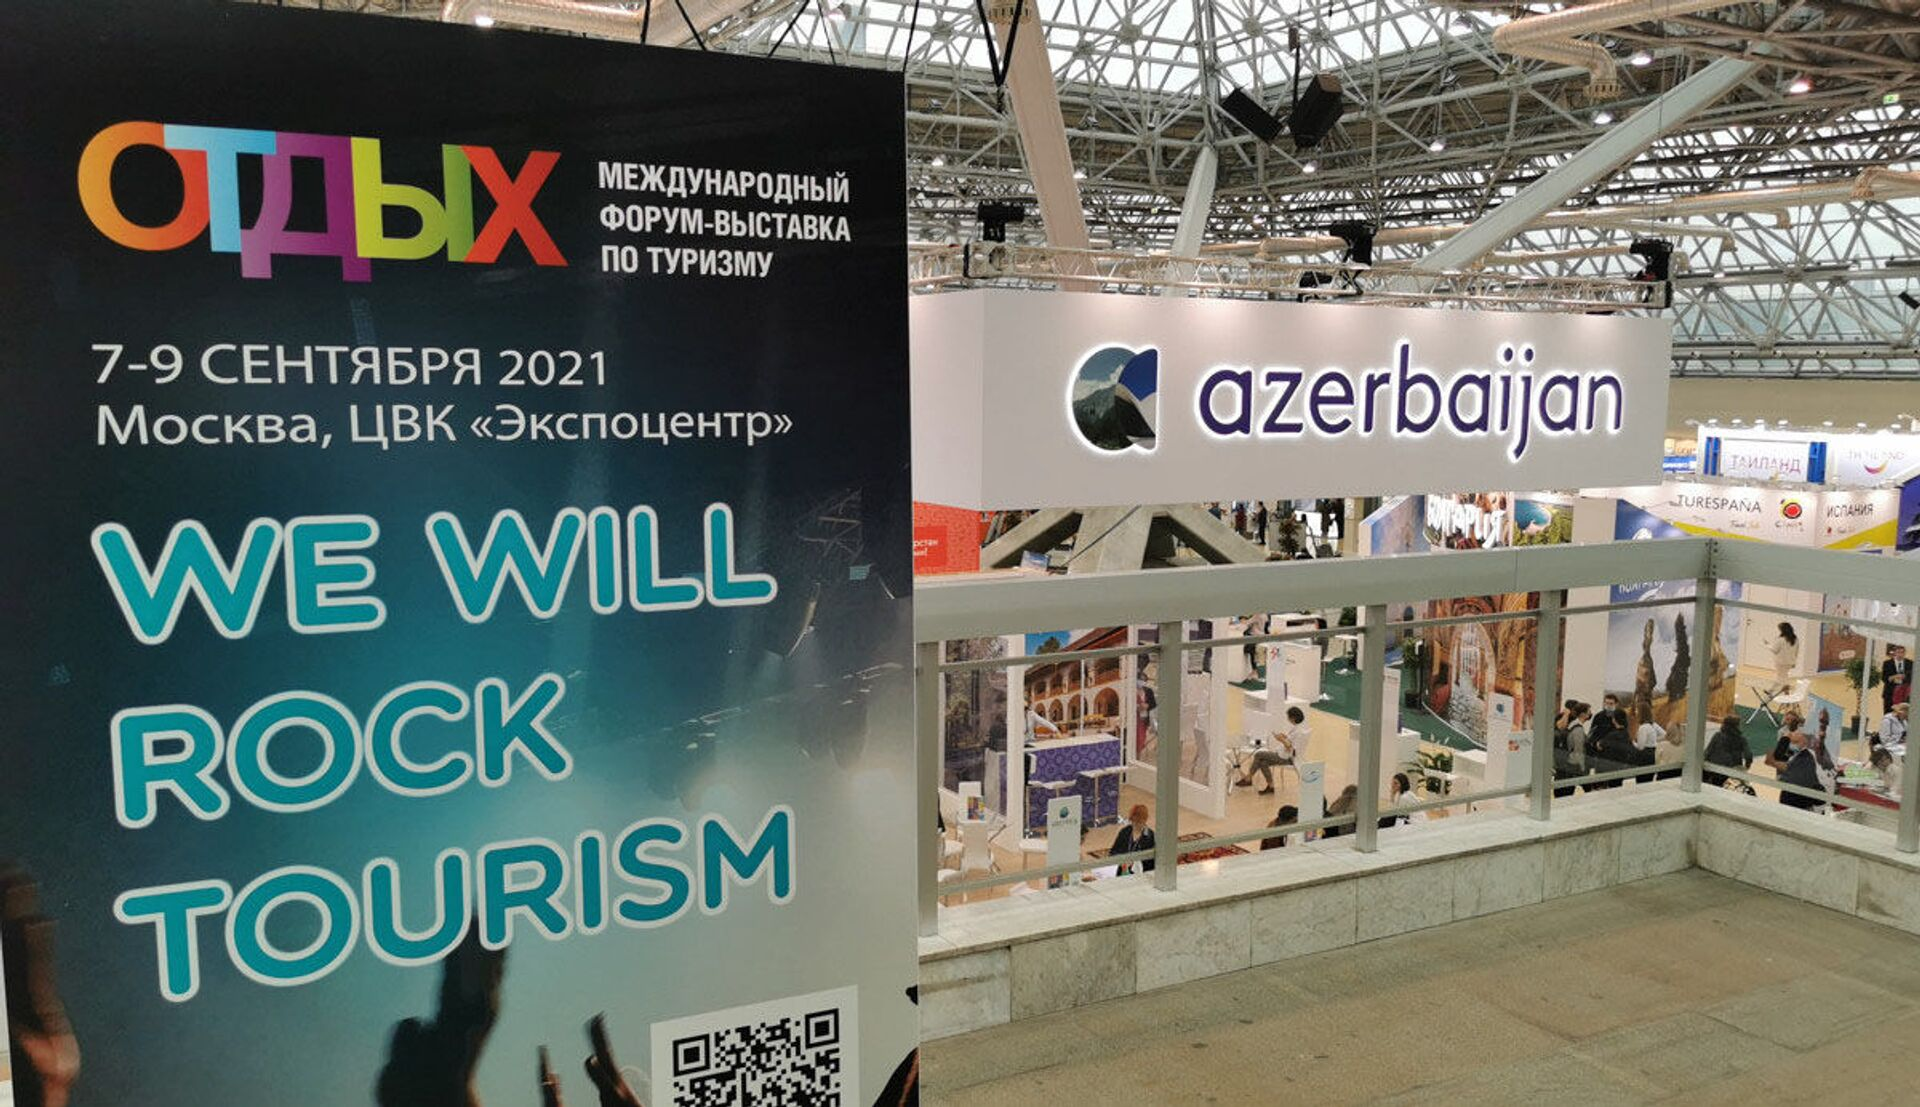 Стенд Азербайджана на международной туристической выставке в Москве - Sputnik Азербайджан, 1920, 01.10.2021